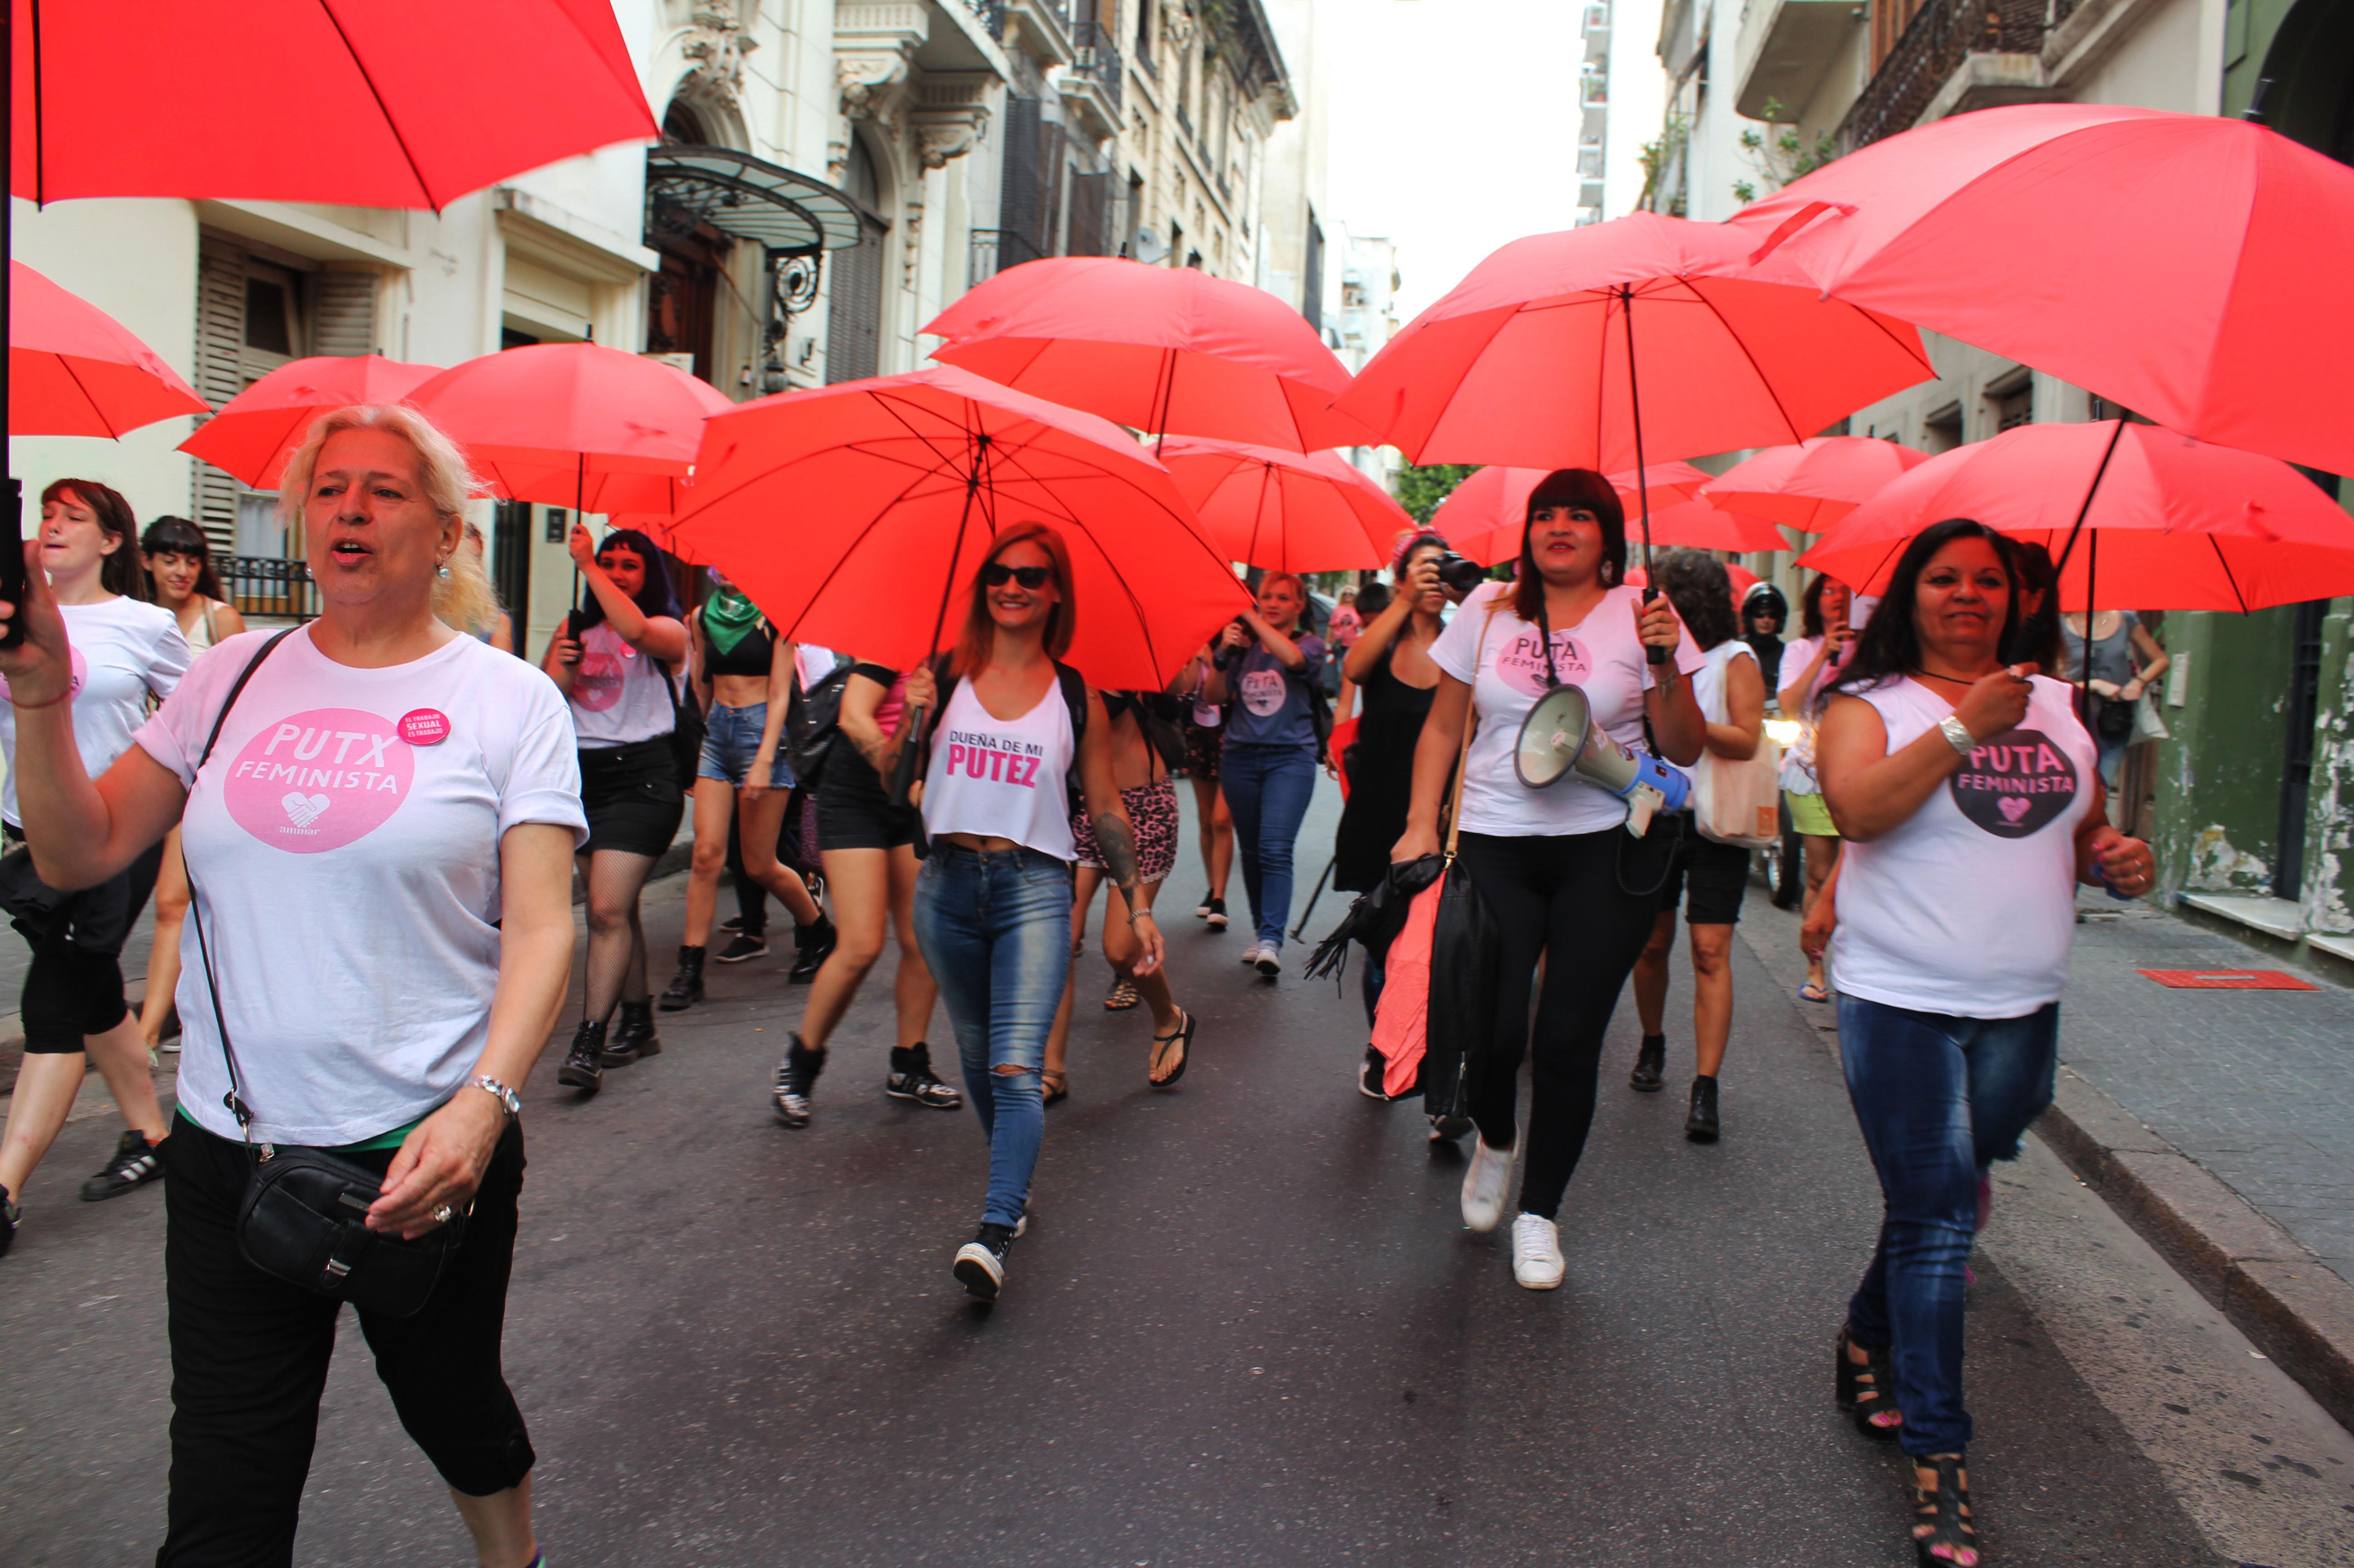 Participación de Trabajadoras Sexuales en el Paro Internacional de Mujeres, Lesbianas, Travestis y Trans en Argentina.